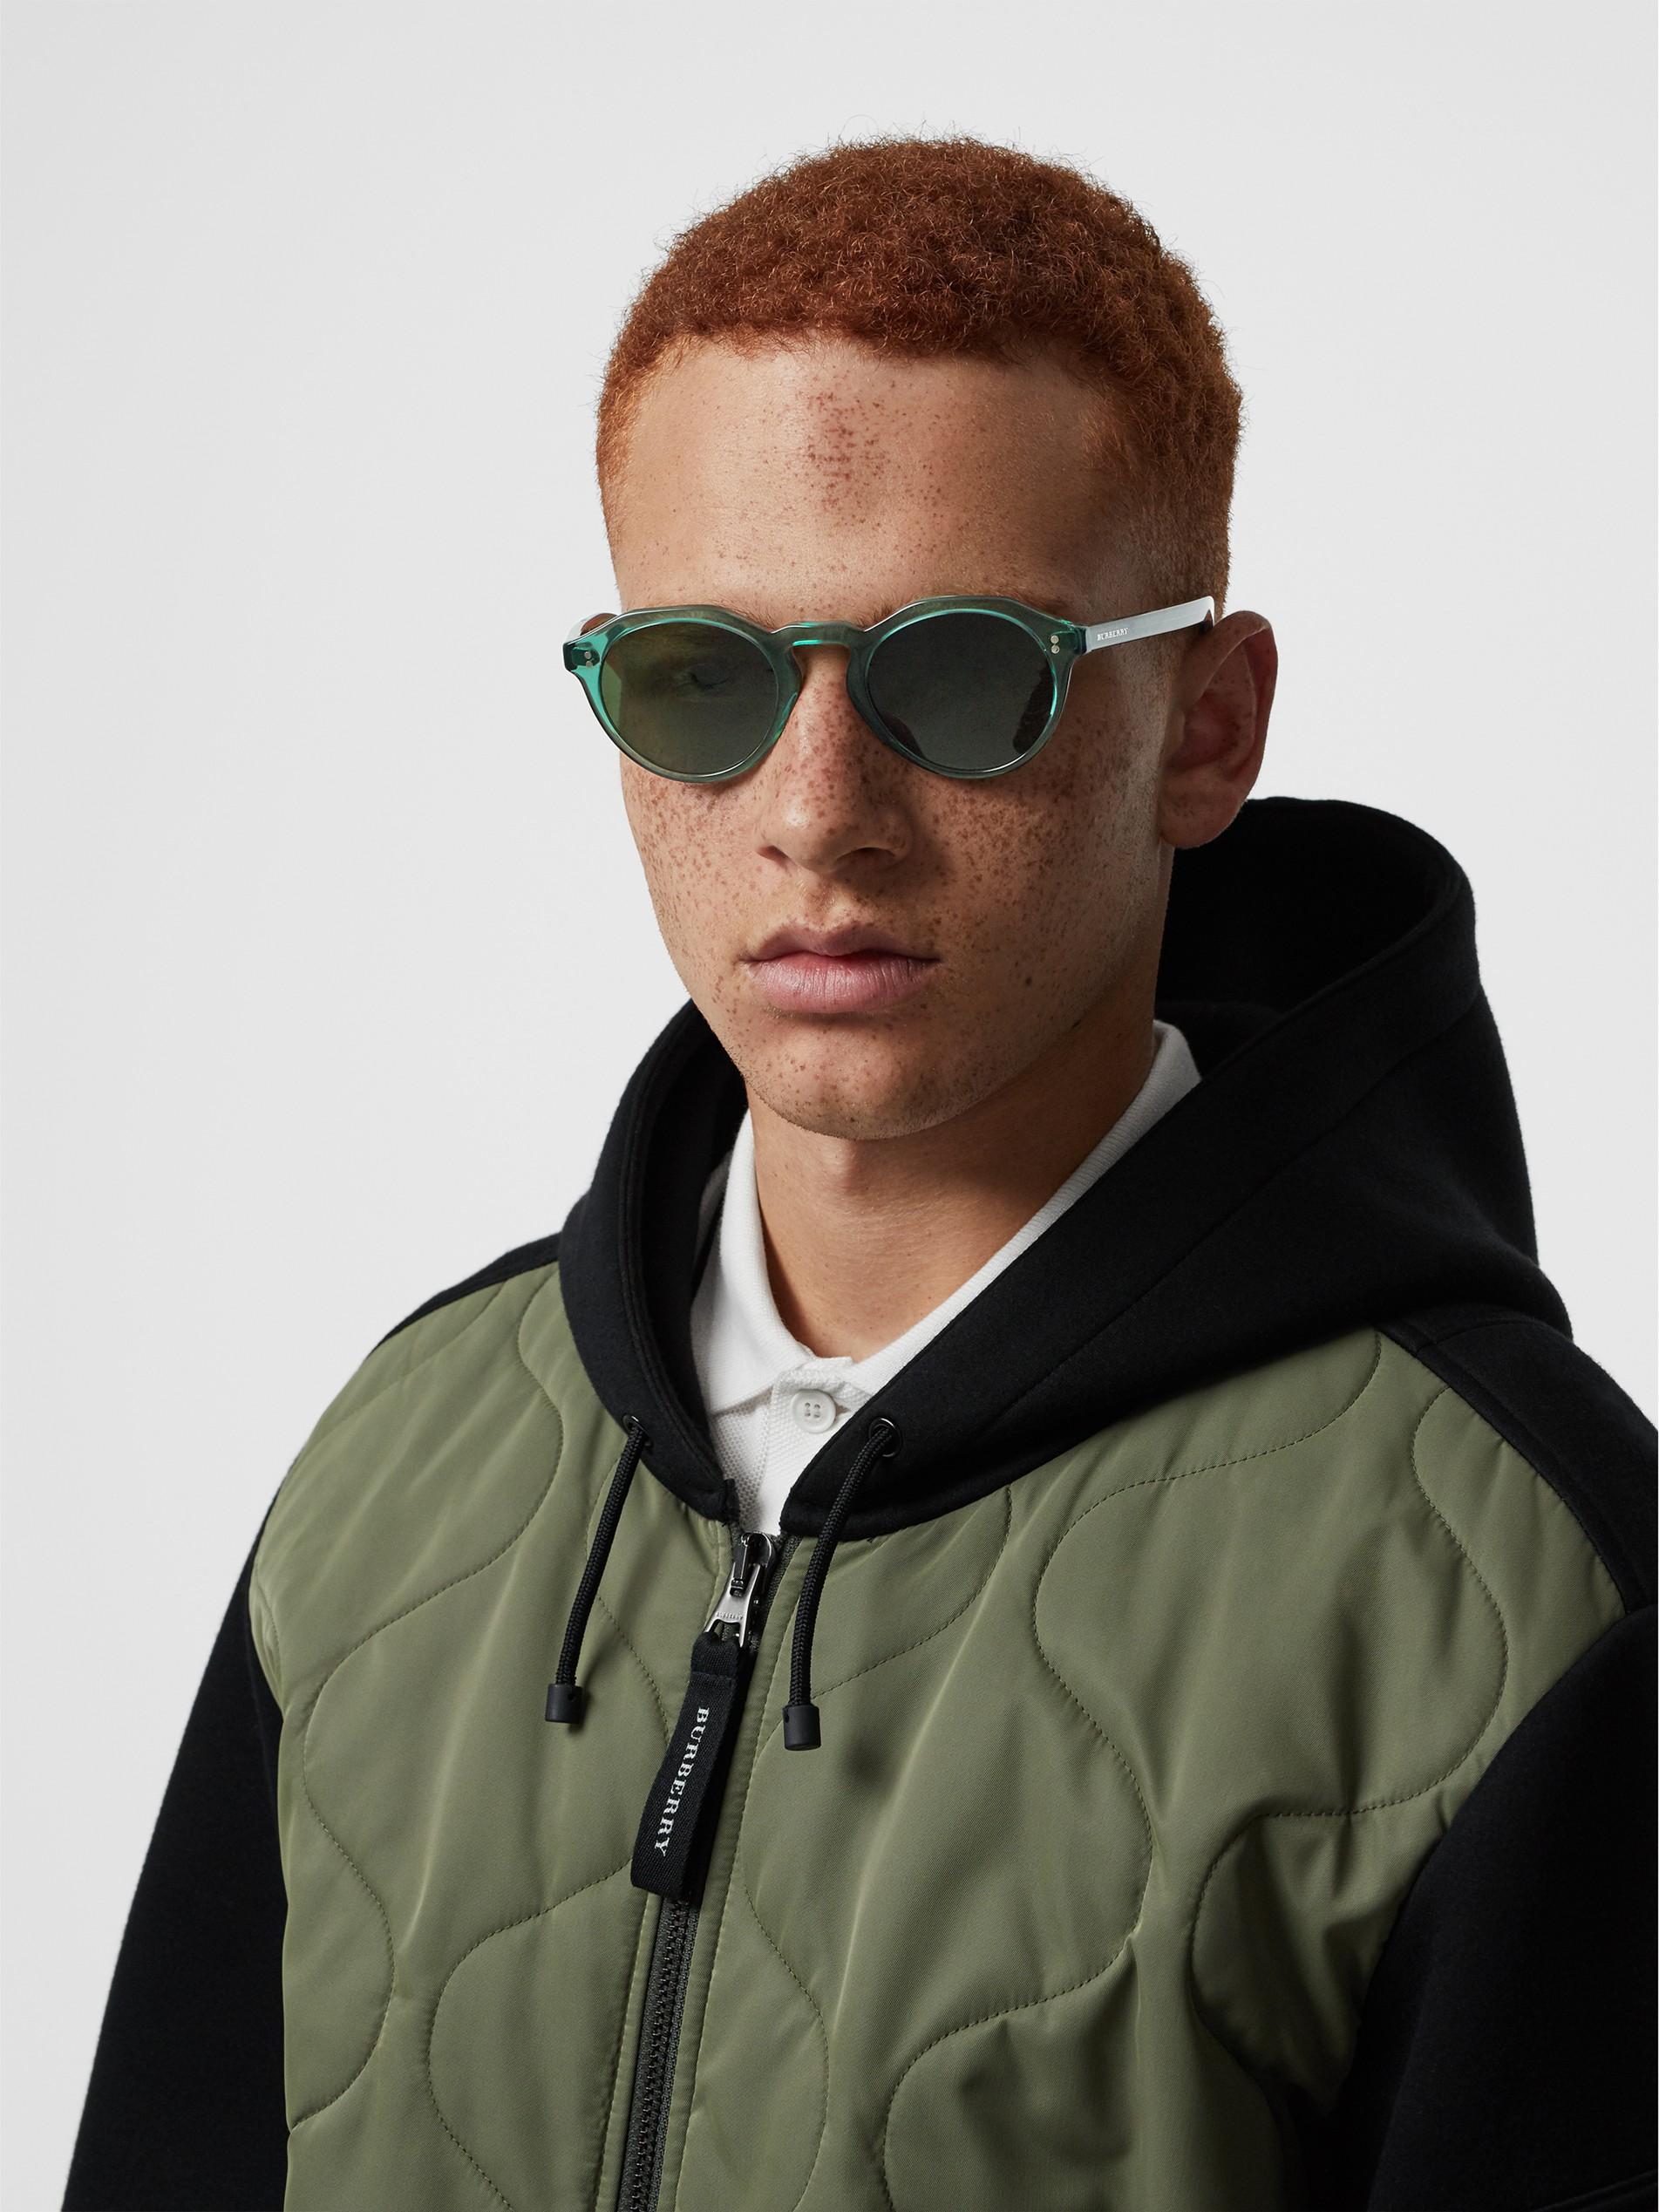 手托太阳图片_锁孔圆弧框太阳眼镜 (绿色) - 男士 | Burberry 博柏利